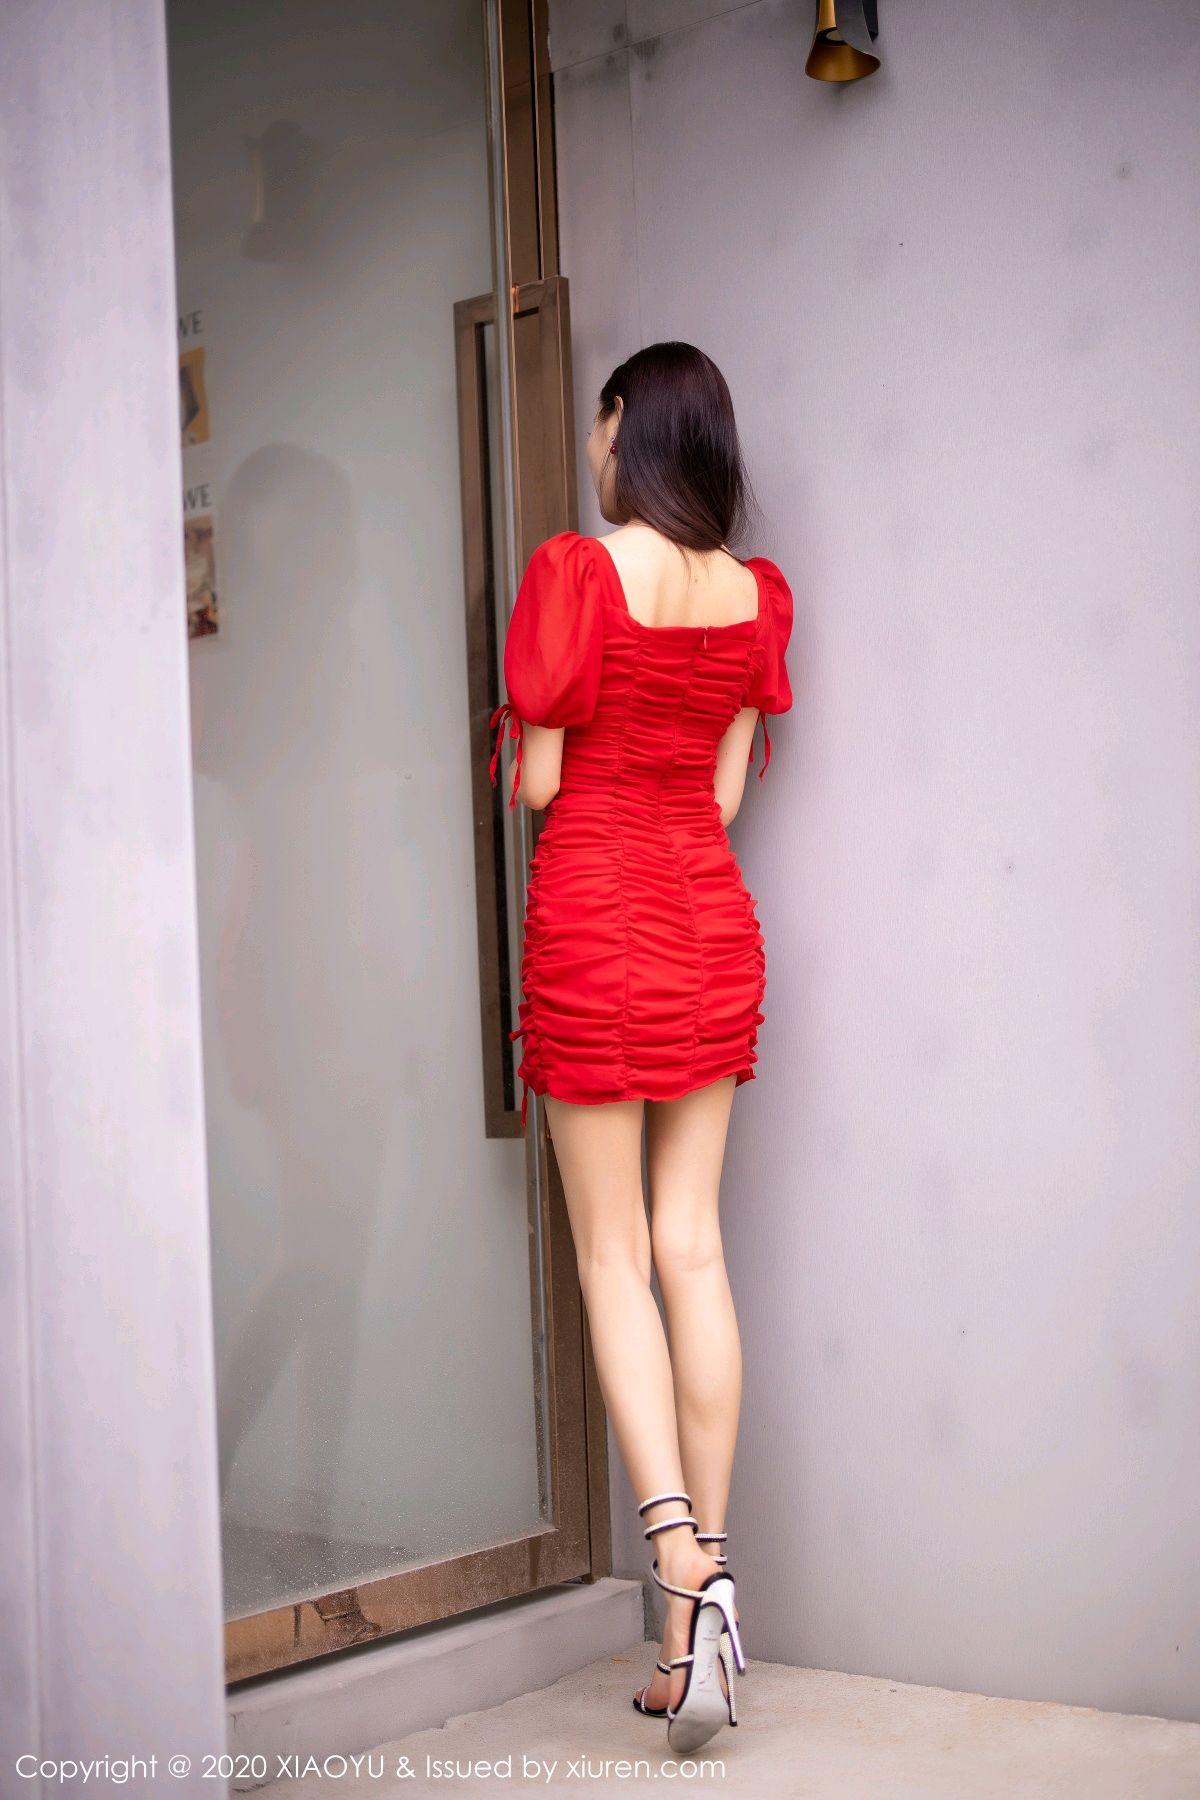 [XiaoYu] Vol.326 Yang Chen Chen 49P, Tall, XiaoYu, Yang Chen Chen